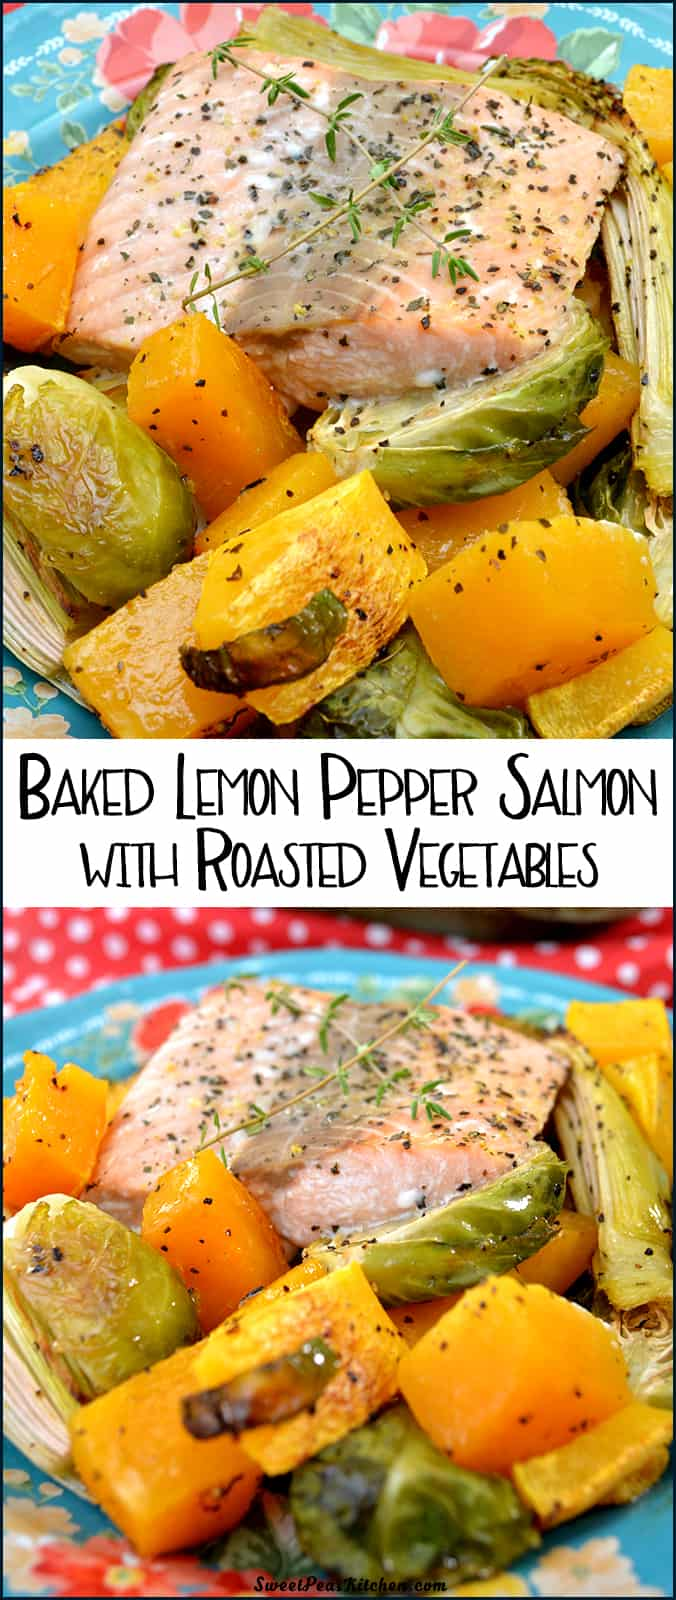 Baked Lemon Pepper Salmon with Roasted Vegetables